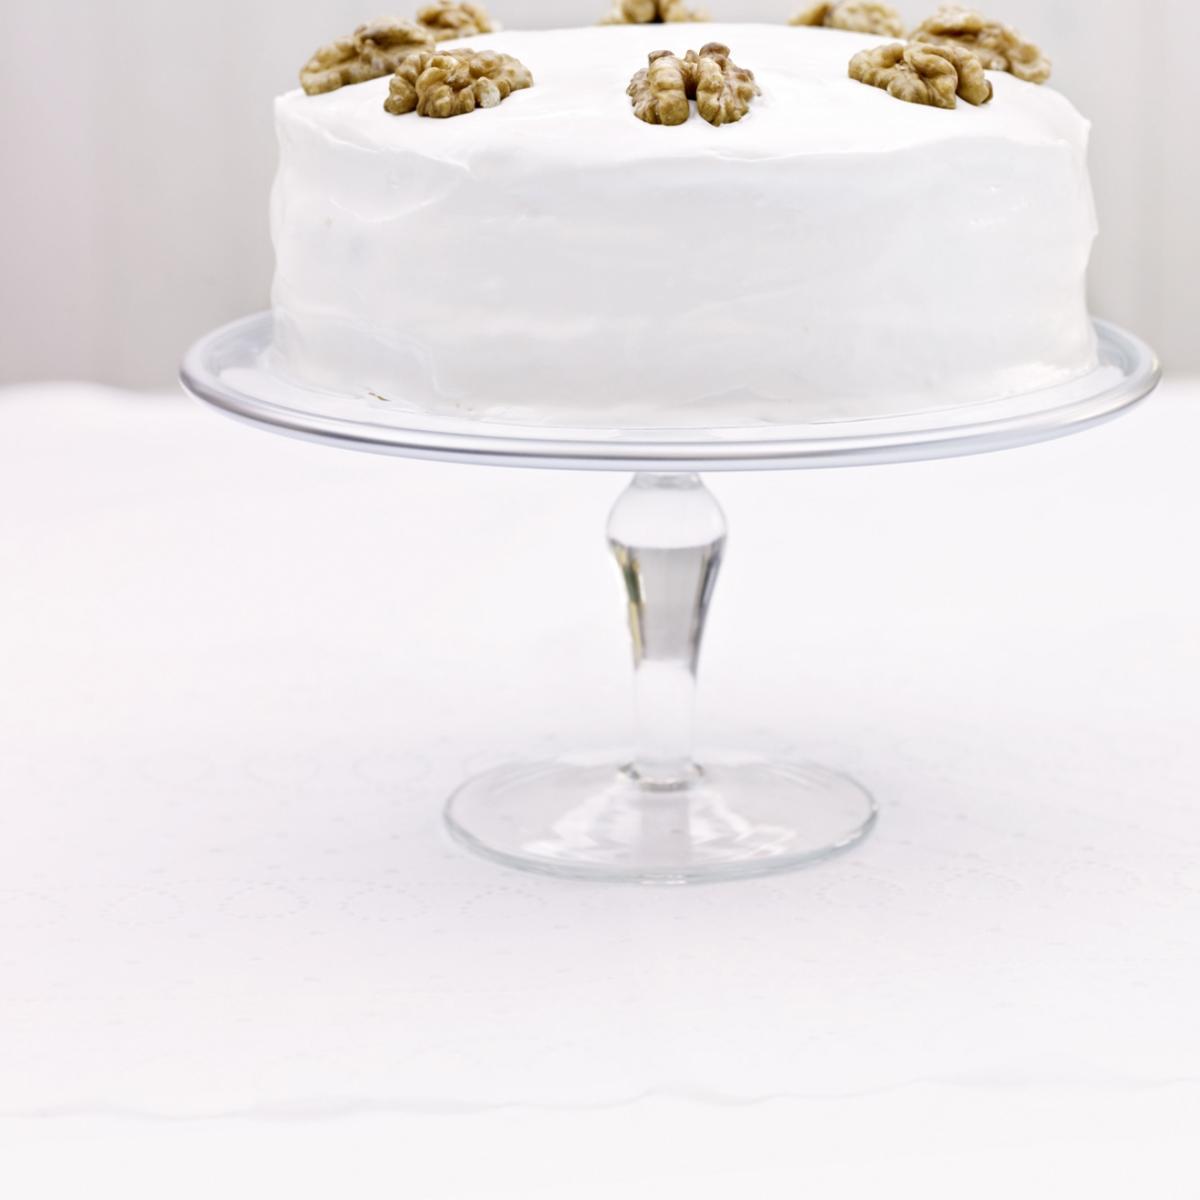 Cakes iced english walnut cake